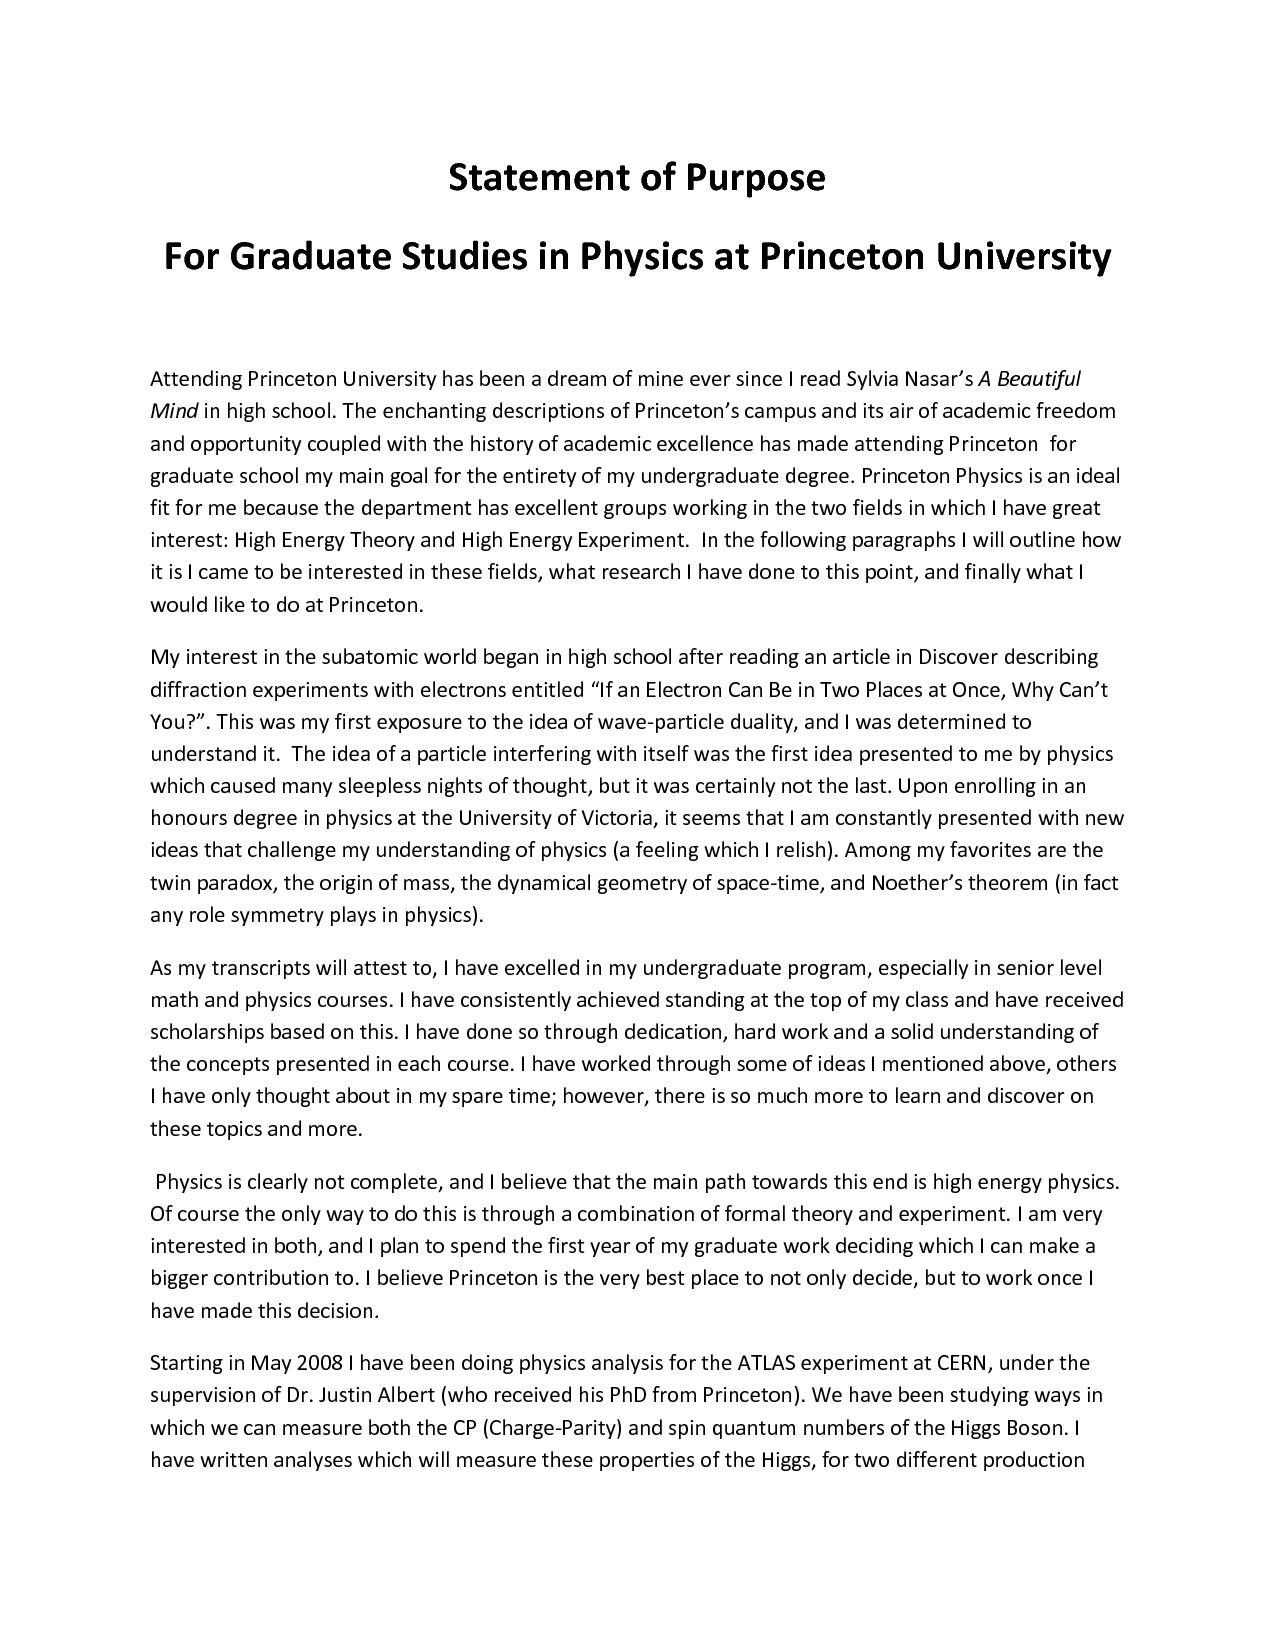 How to write a graduate essay